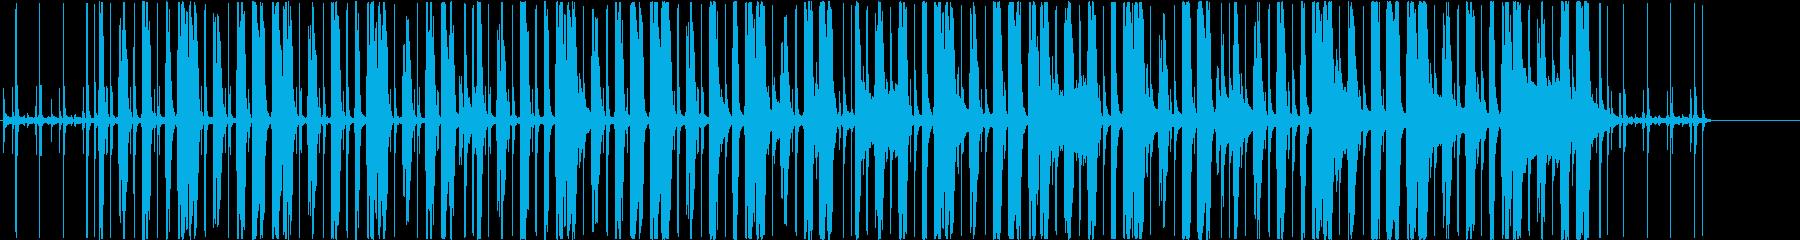 滑らか ジャズ 怠け者 魅惑 神経...の再生済みの波形